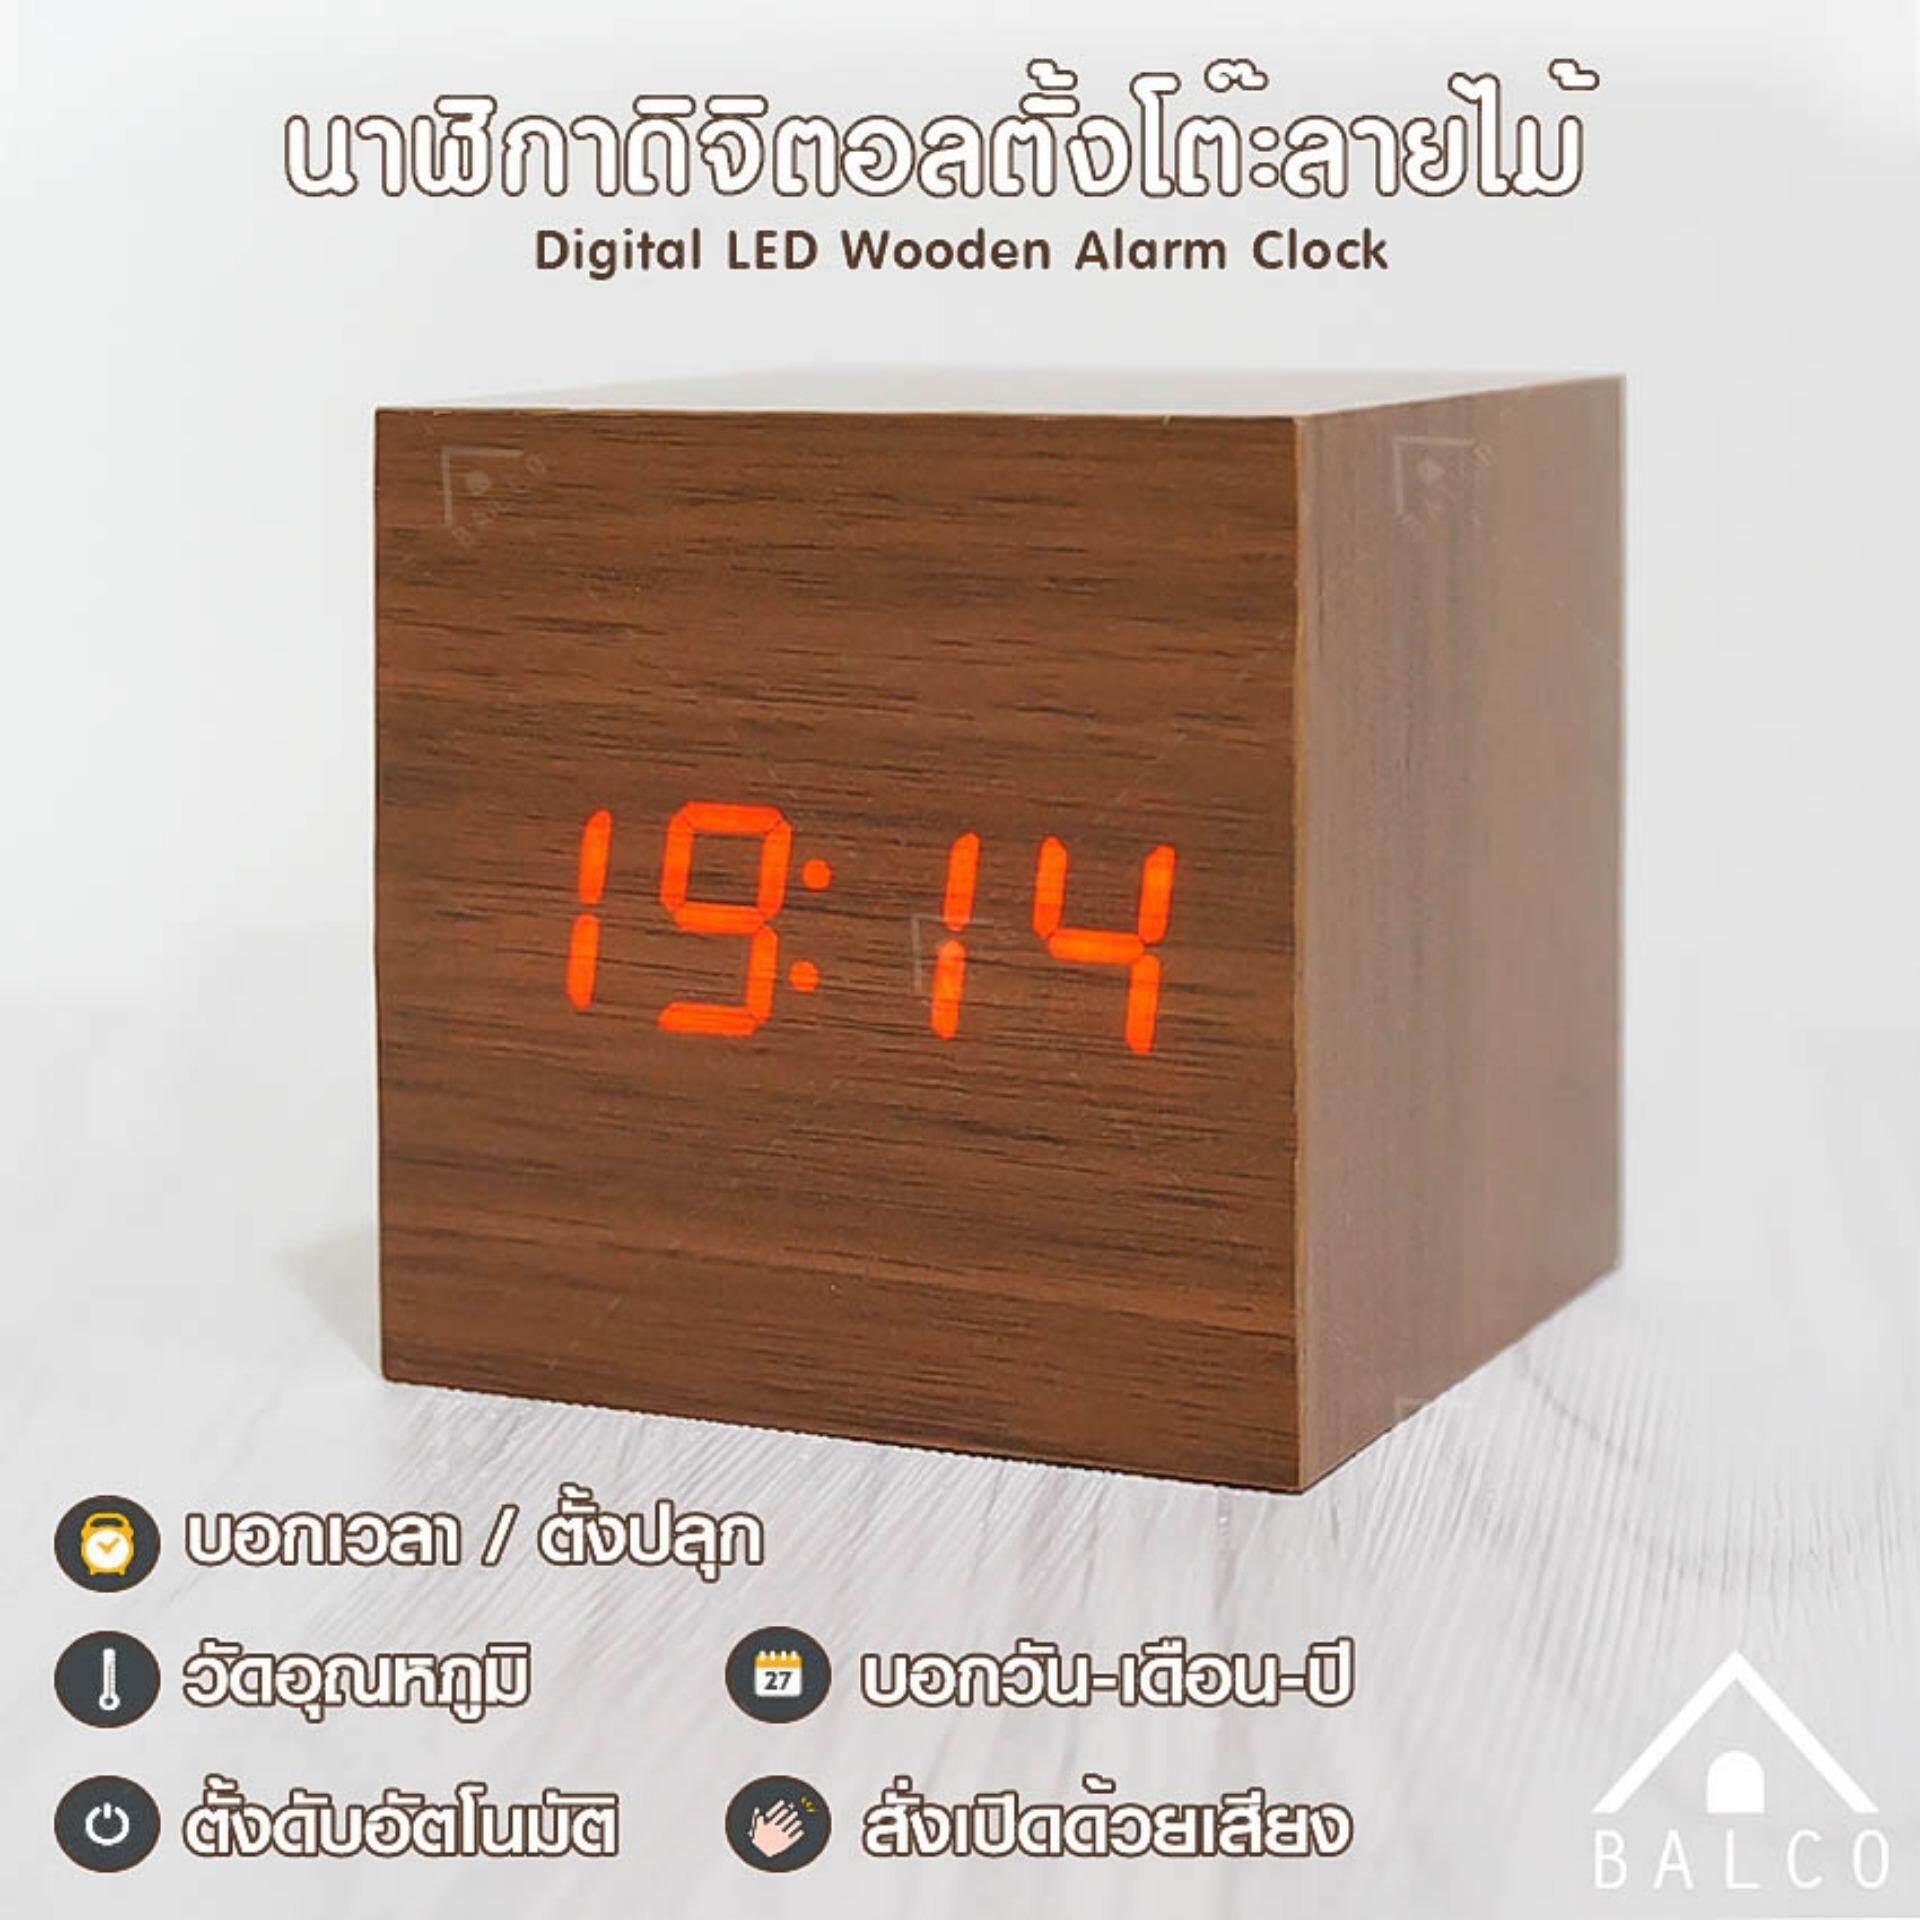 ขาย Balco นาฬิกาดิจิตอลตั้งโต๊ะลายไม้ Digital Led Wooden Alarm Clock บอกเวลา บอกวันเดือนปี ตั้งปลุก และวัดอุณหภูมิได้ ฟังค์ชั่นครบครัน รุ่น Kdh 0016 ใน กรุงเทพมหานคร